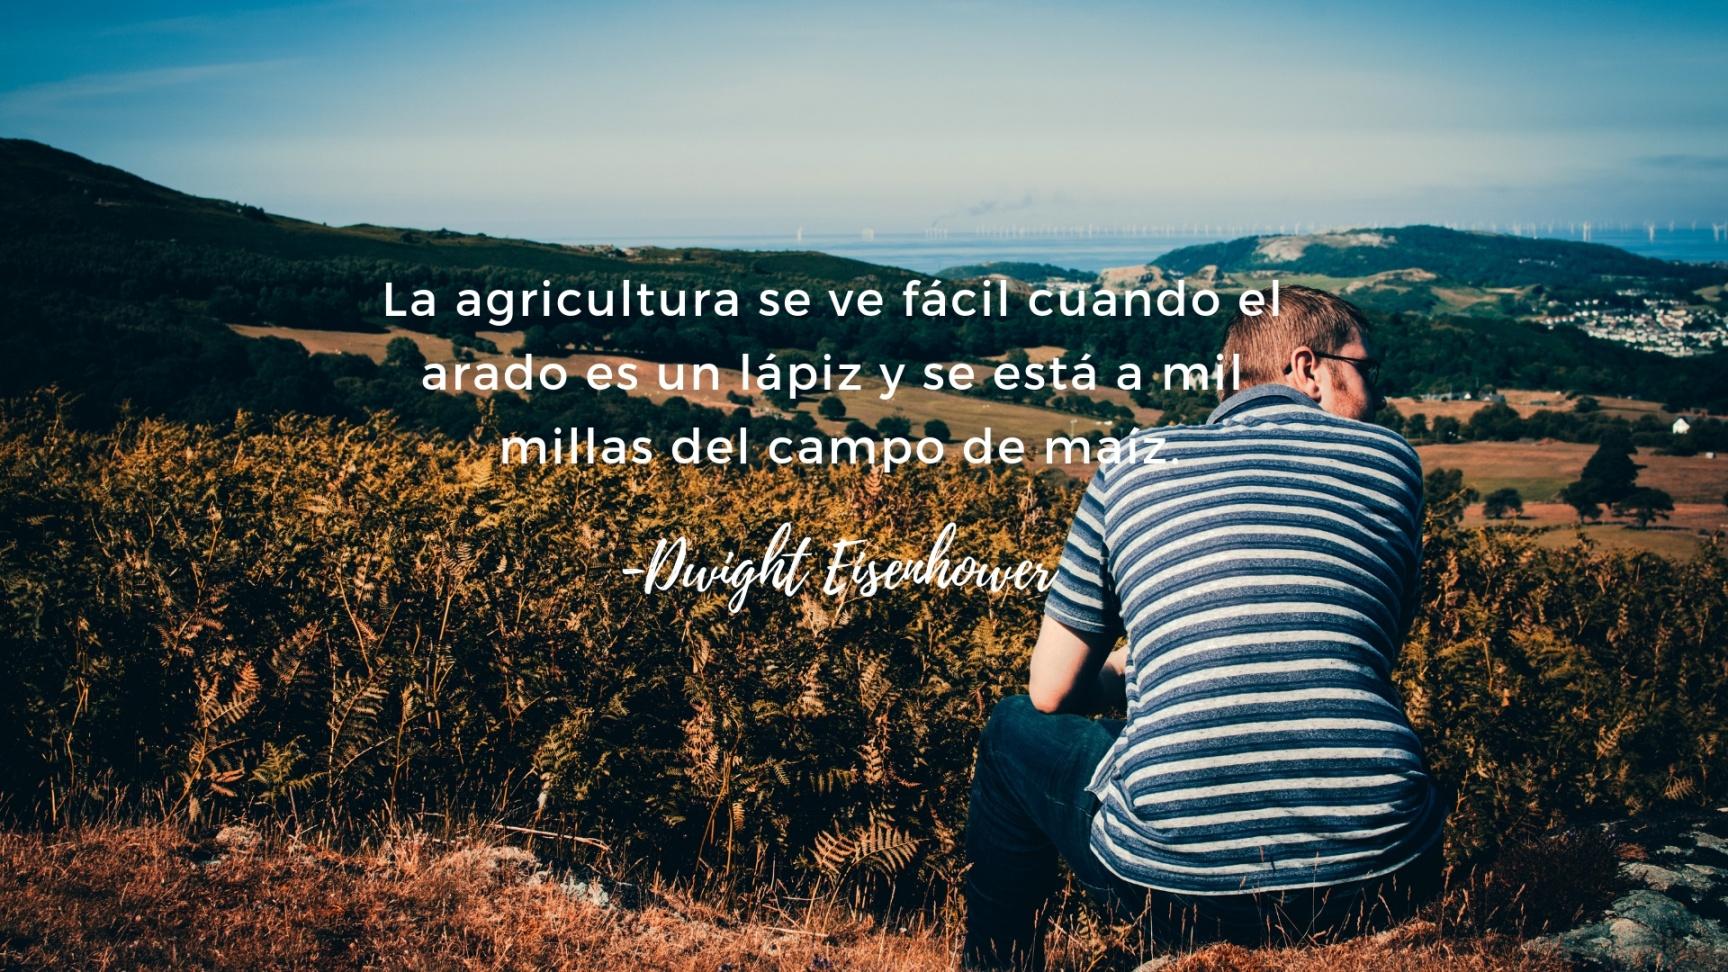 Agricultores prósperos significa más empleo, más prosperidad para los trabajadores y los hombres de negocios de todas las areas industriales en todo el país. (1) (1)